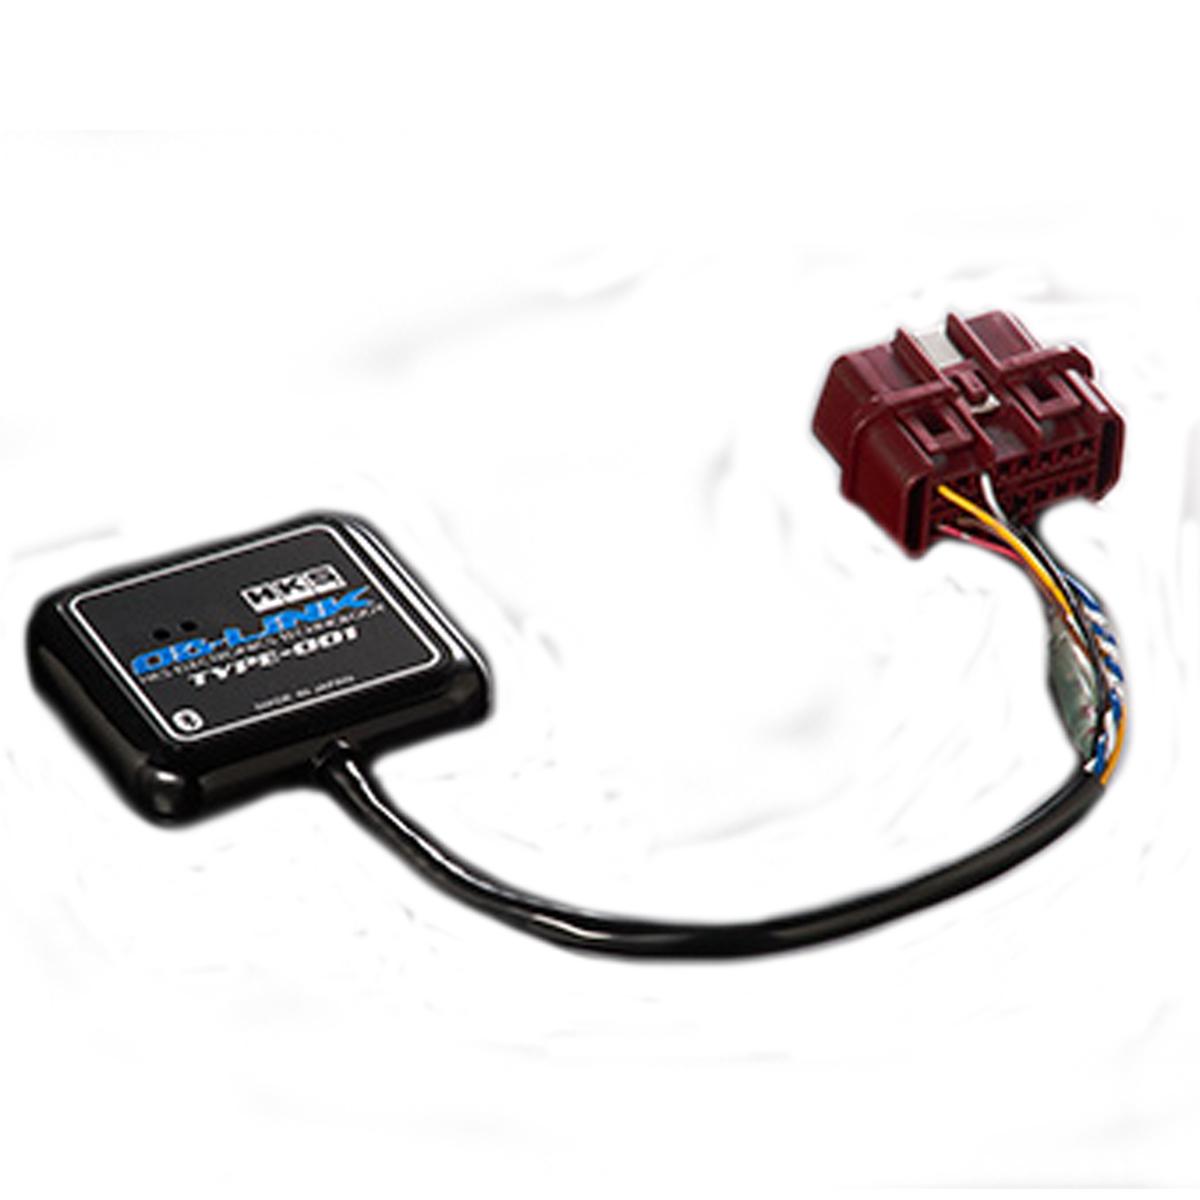 マーチ モニター OBリンク タイプ 001 BK12 HKS 44009-AK002 エレクトリニクス 個人宅発送追金有